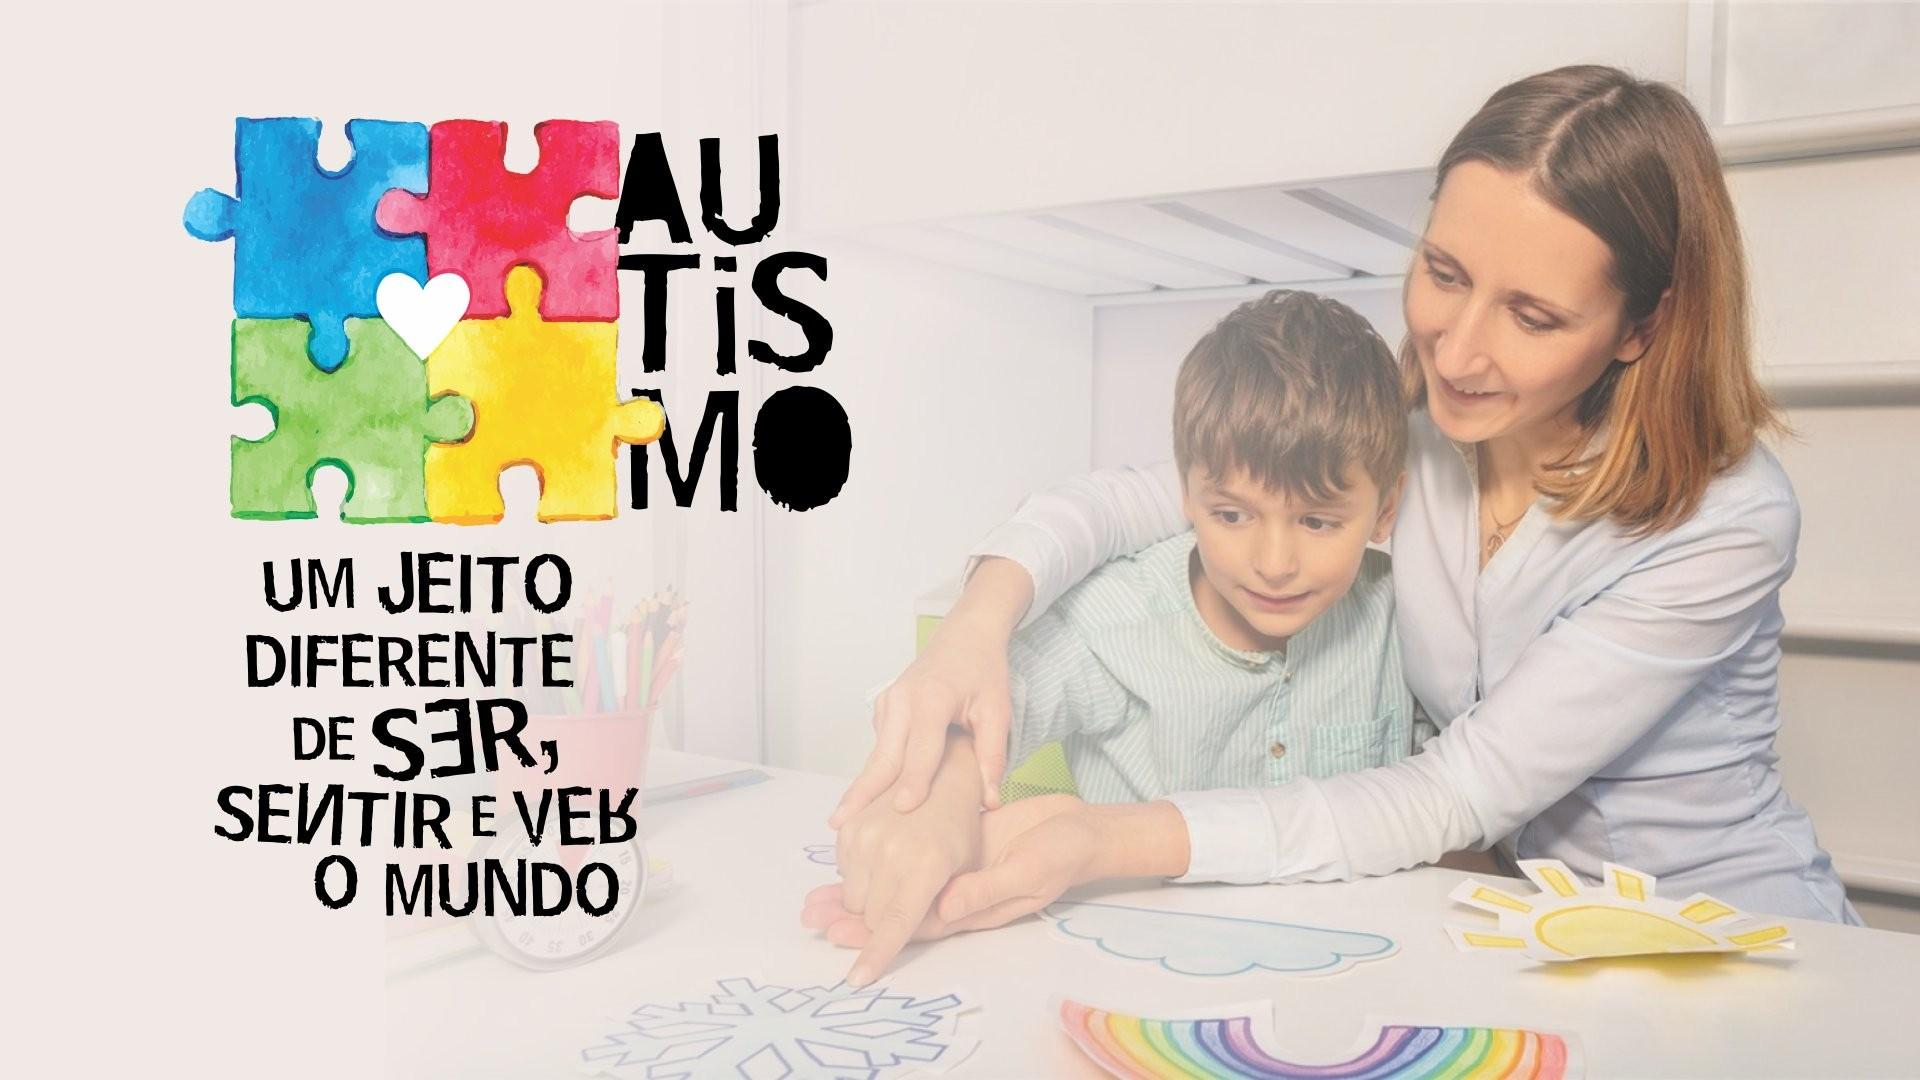 Araucária conta com apoio qualificado na saúde e na educação para pessoas com autismo